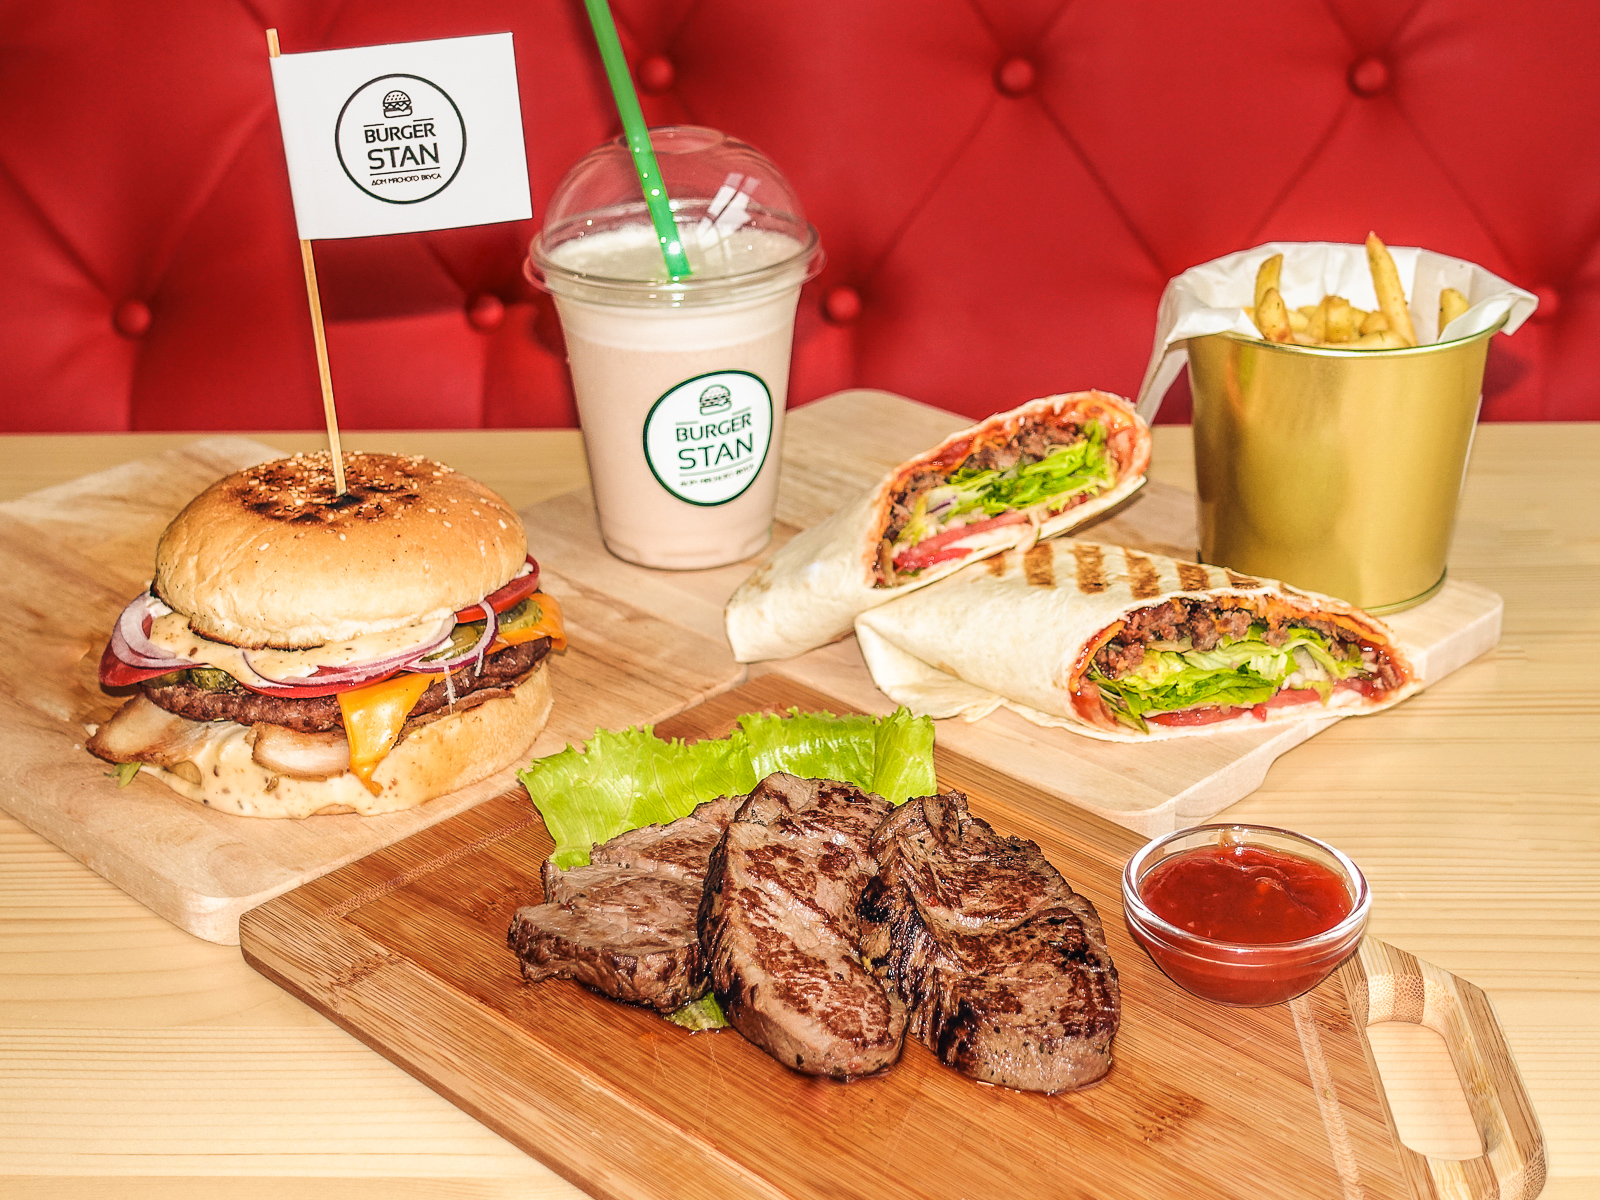 BurgerStan